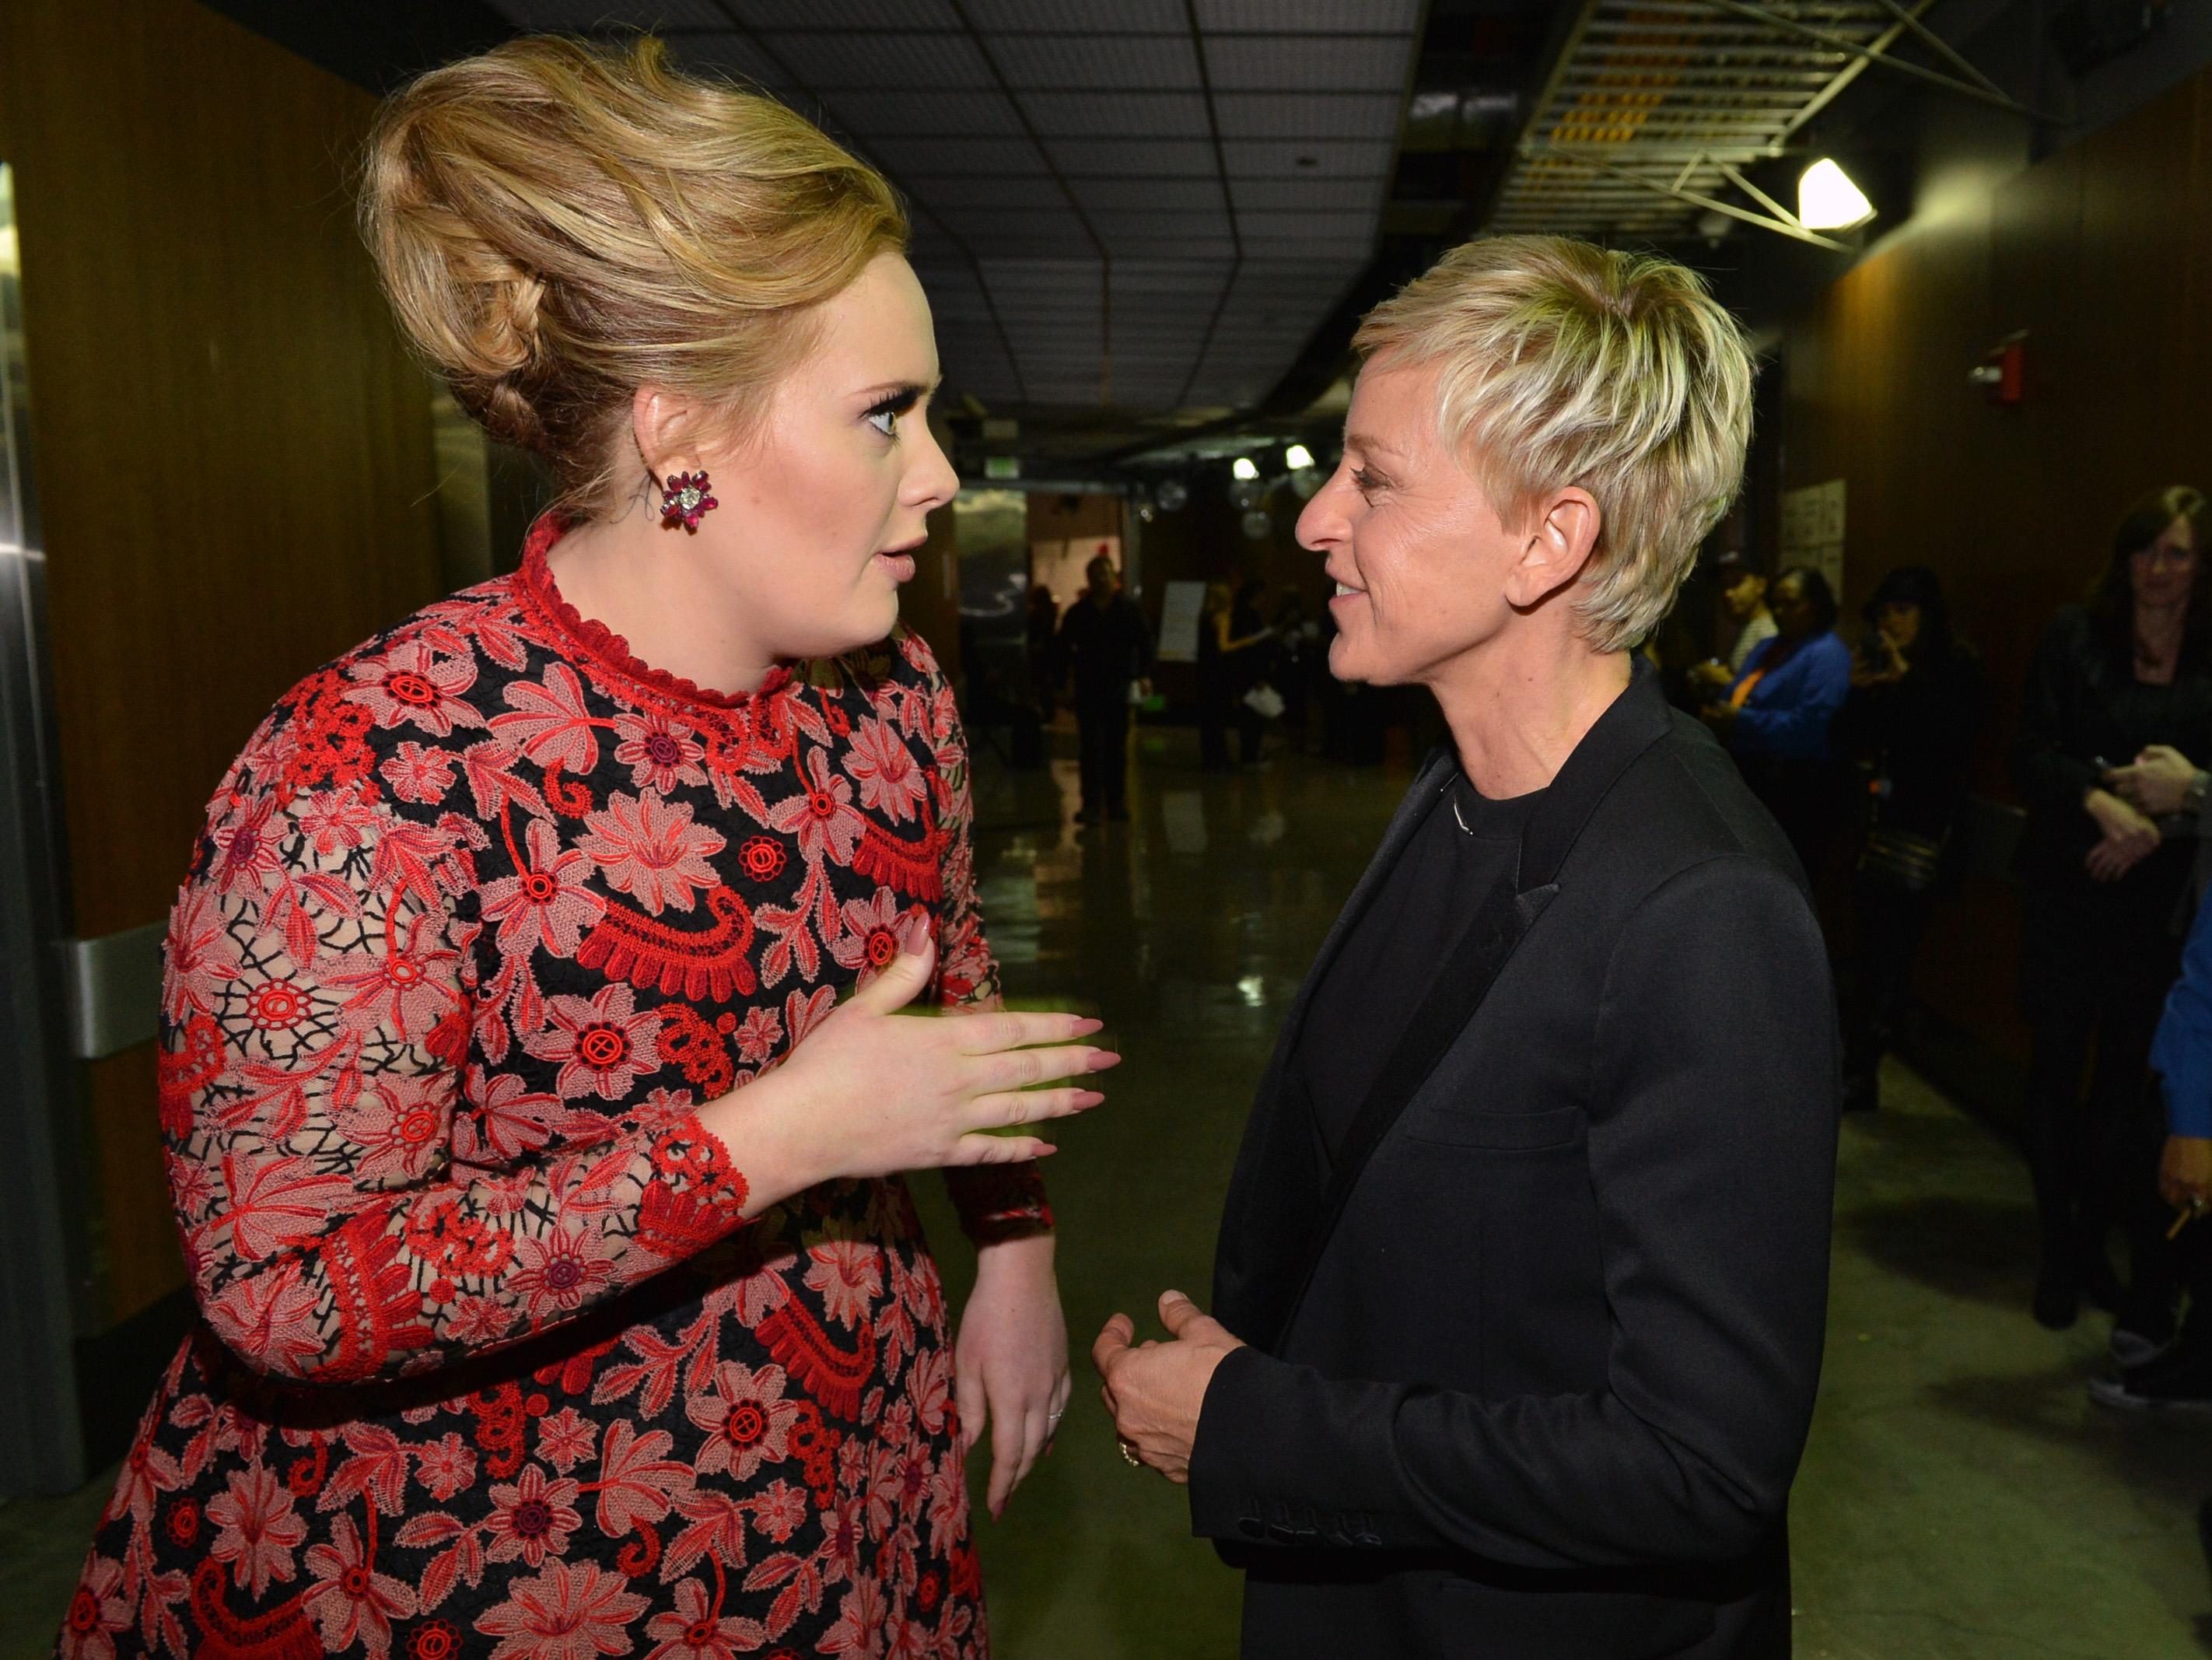 Adele met up with Ellen DeGeneres backstage.